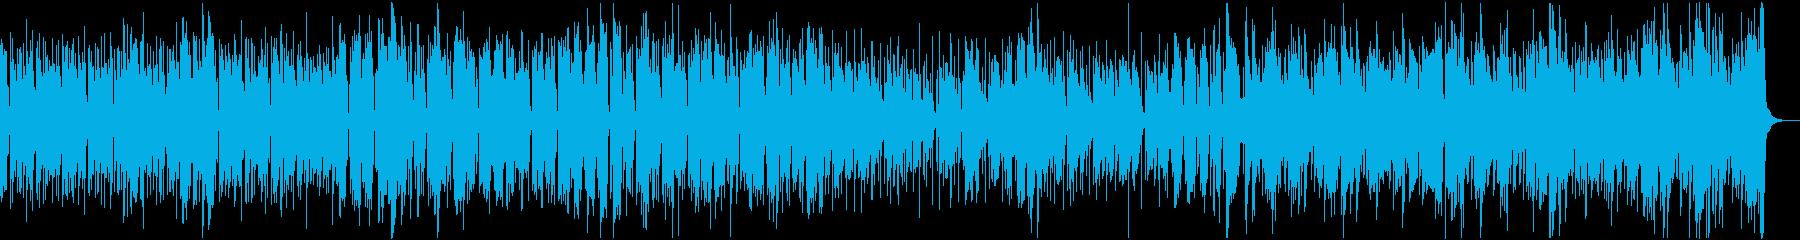 口笛とアコギでジングルベル、リズム有りの再生済みの波形